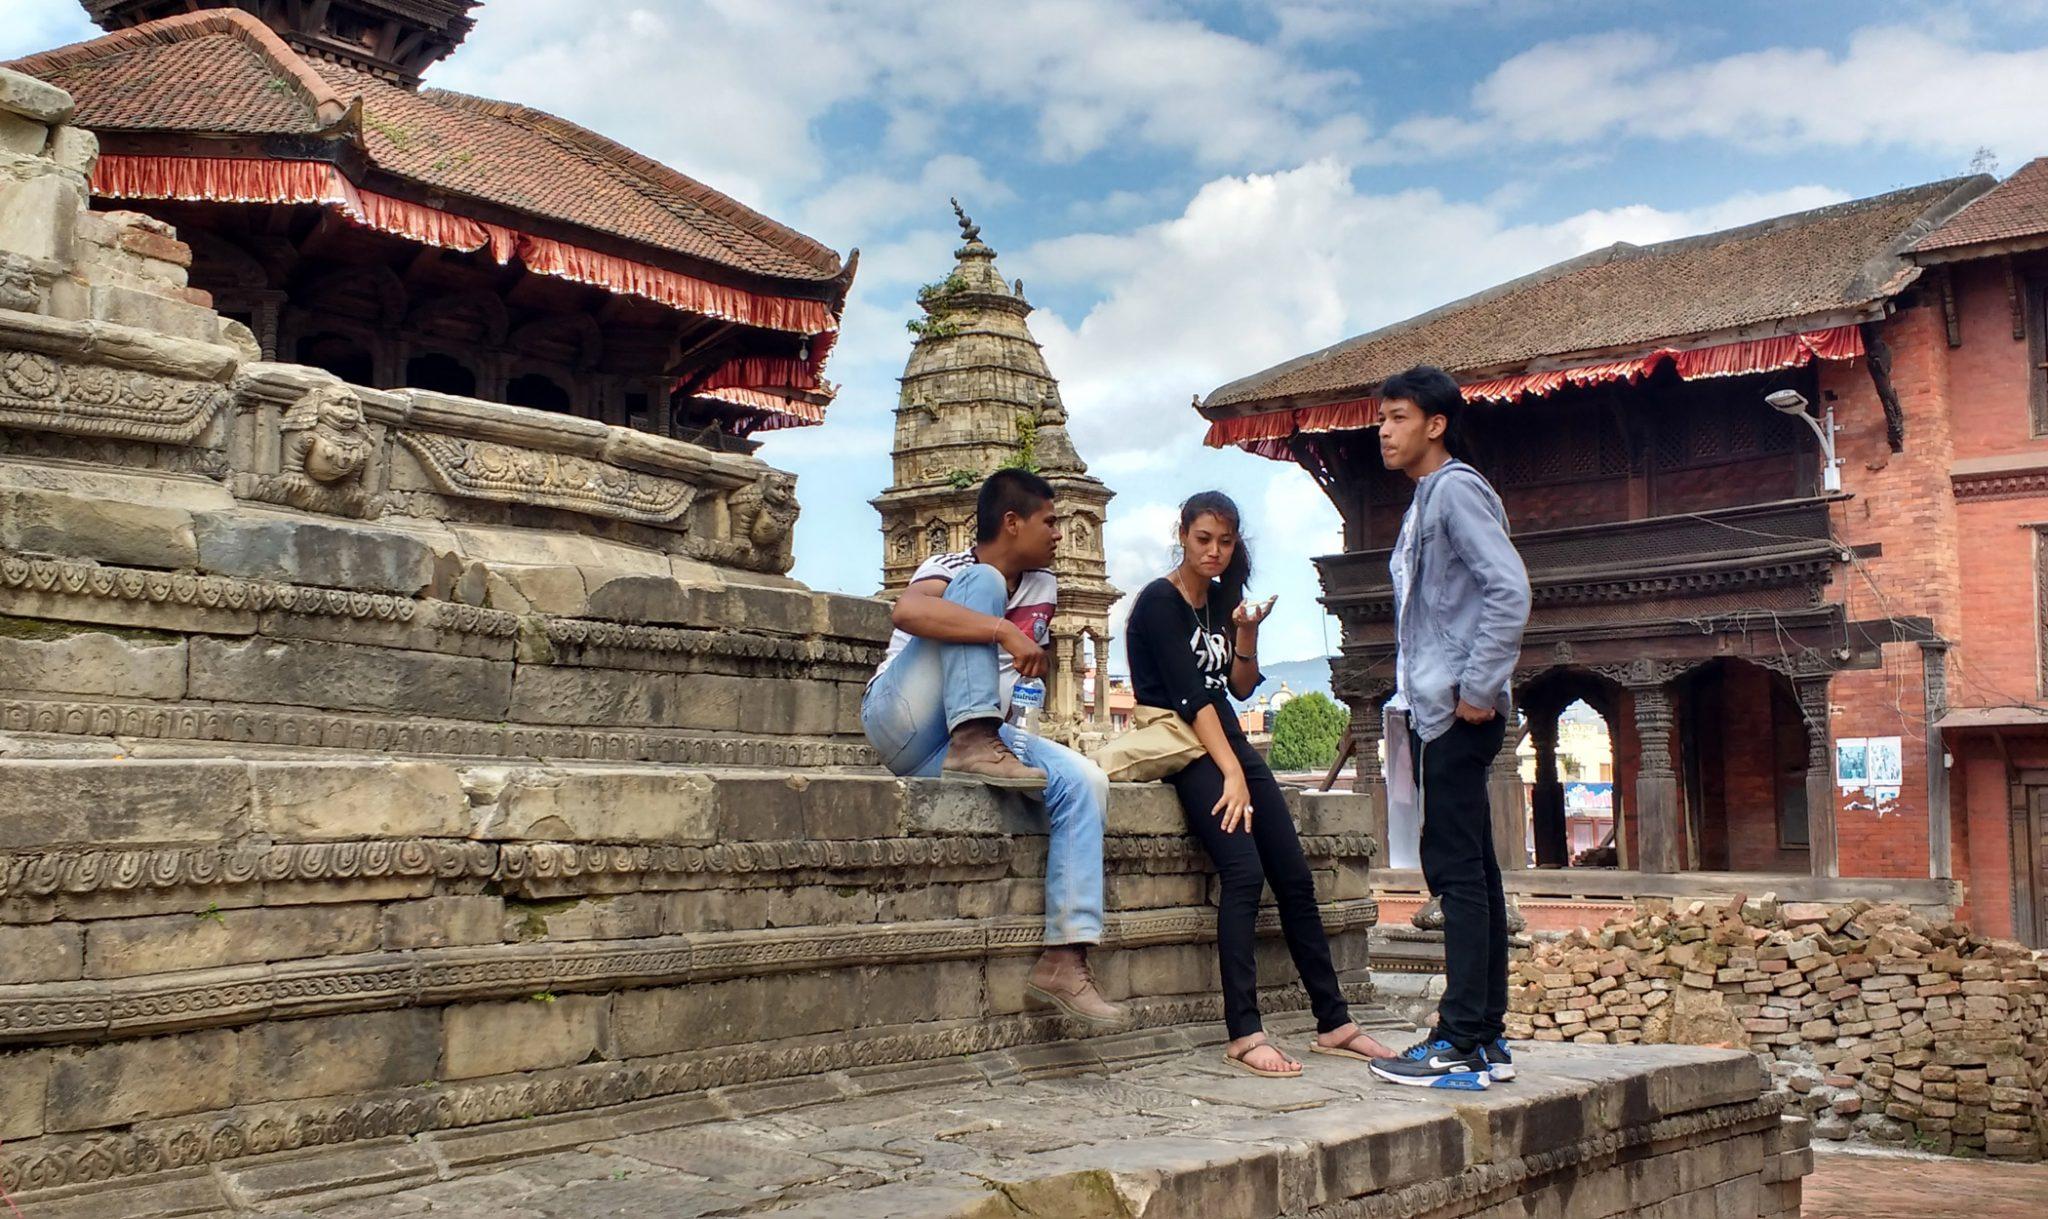 Locals relax in Bhaktapur Durbar Square